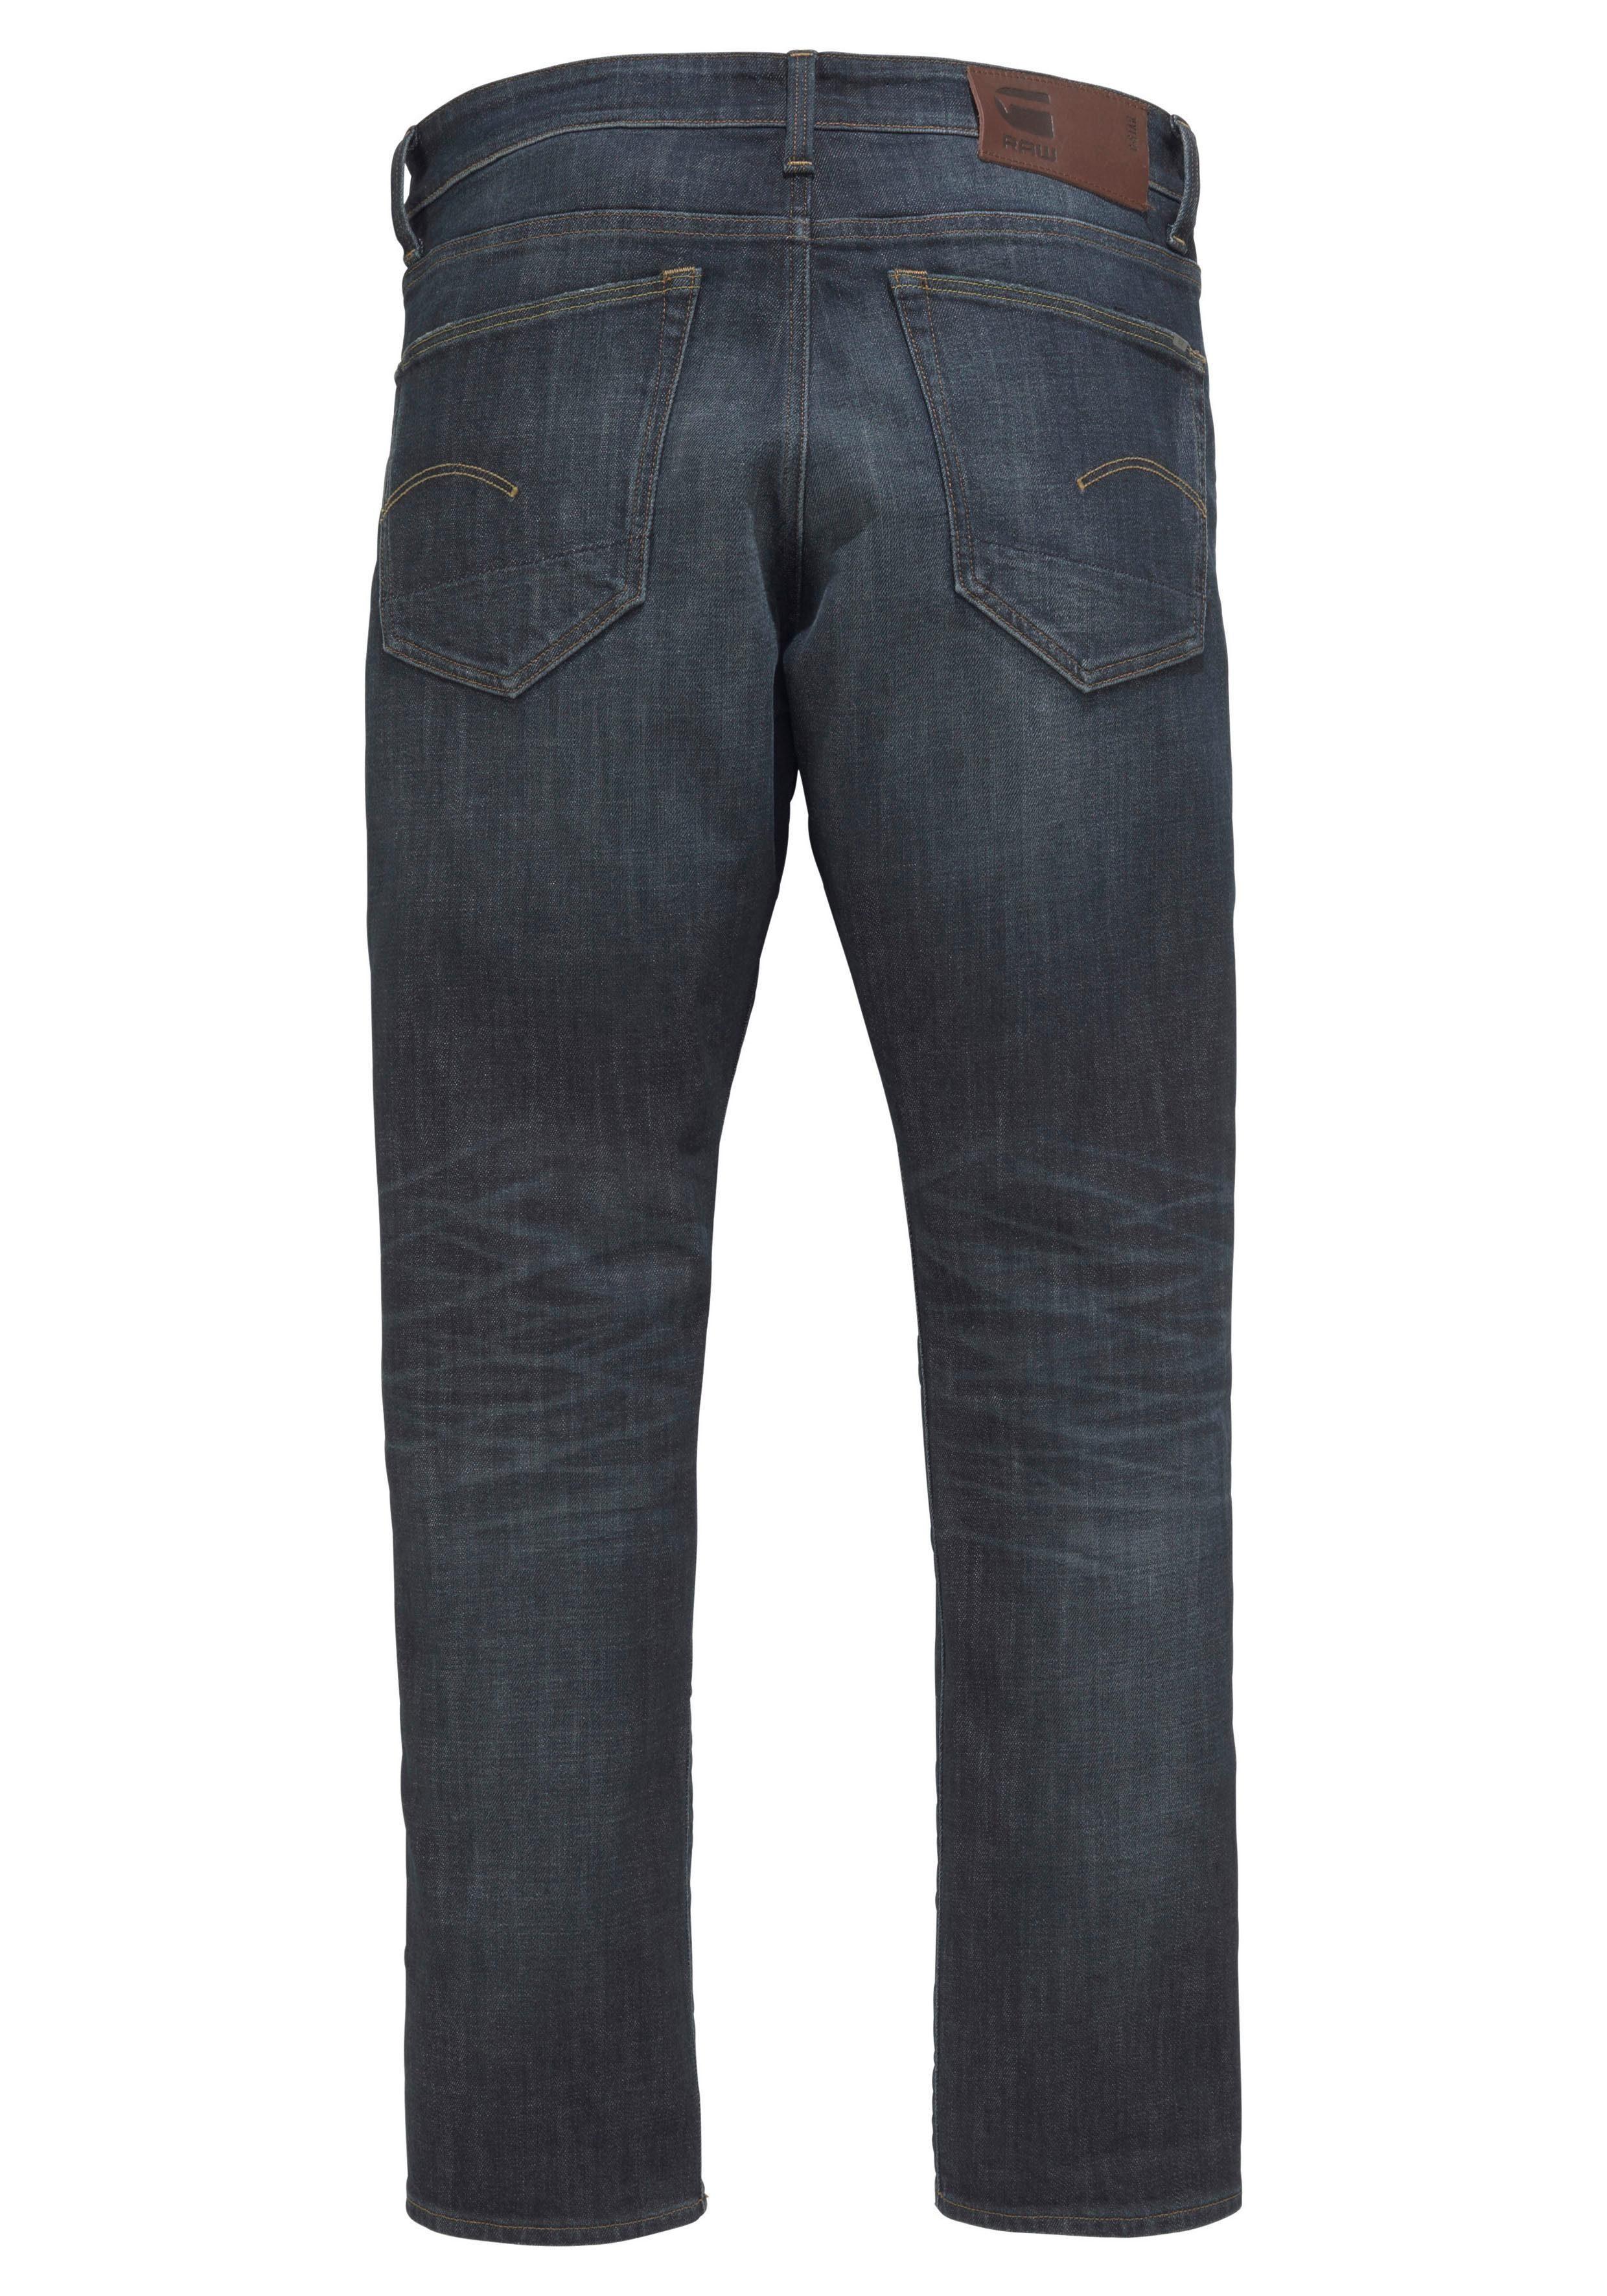 G Star straight fit broek Heren Skinny Jeans | KLEDING.nl